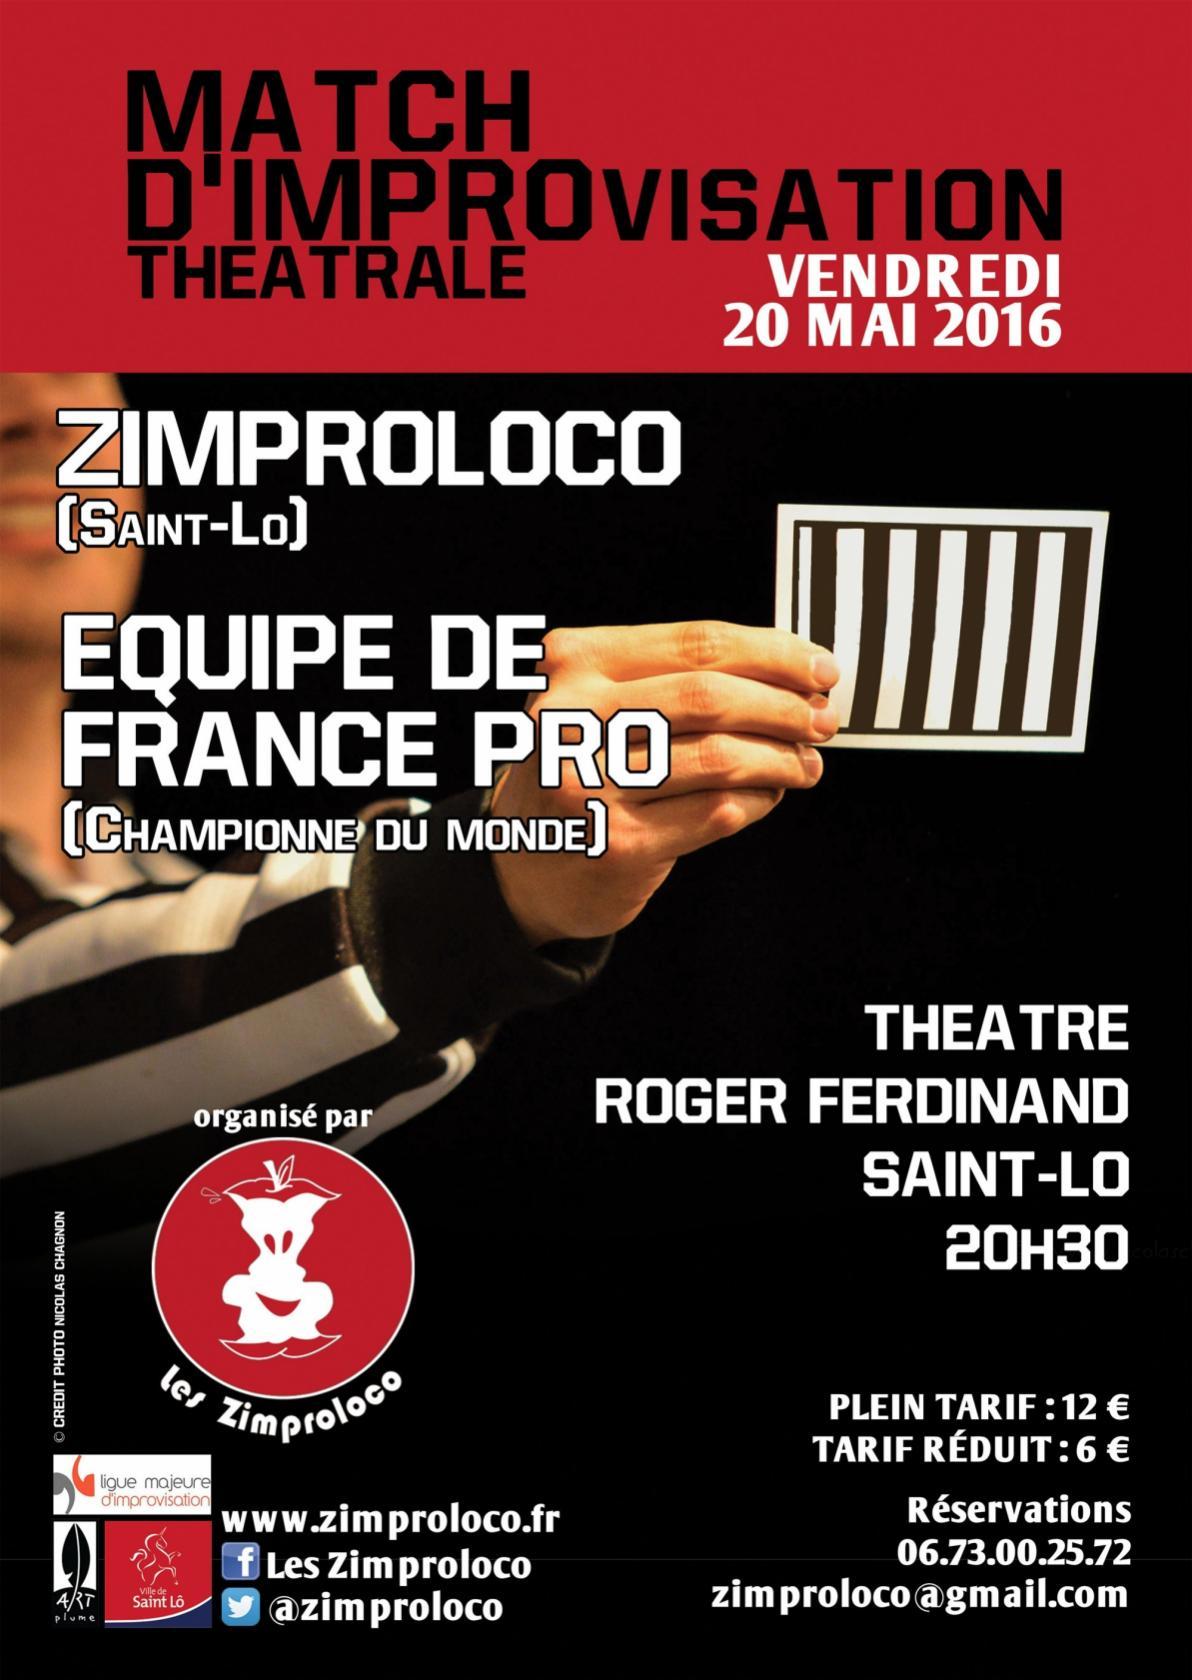 Match d'impro Zimproloco - Equipe de France Professionnelle Saint-Lô